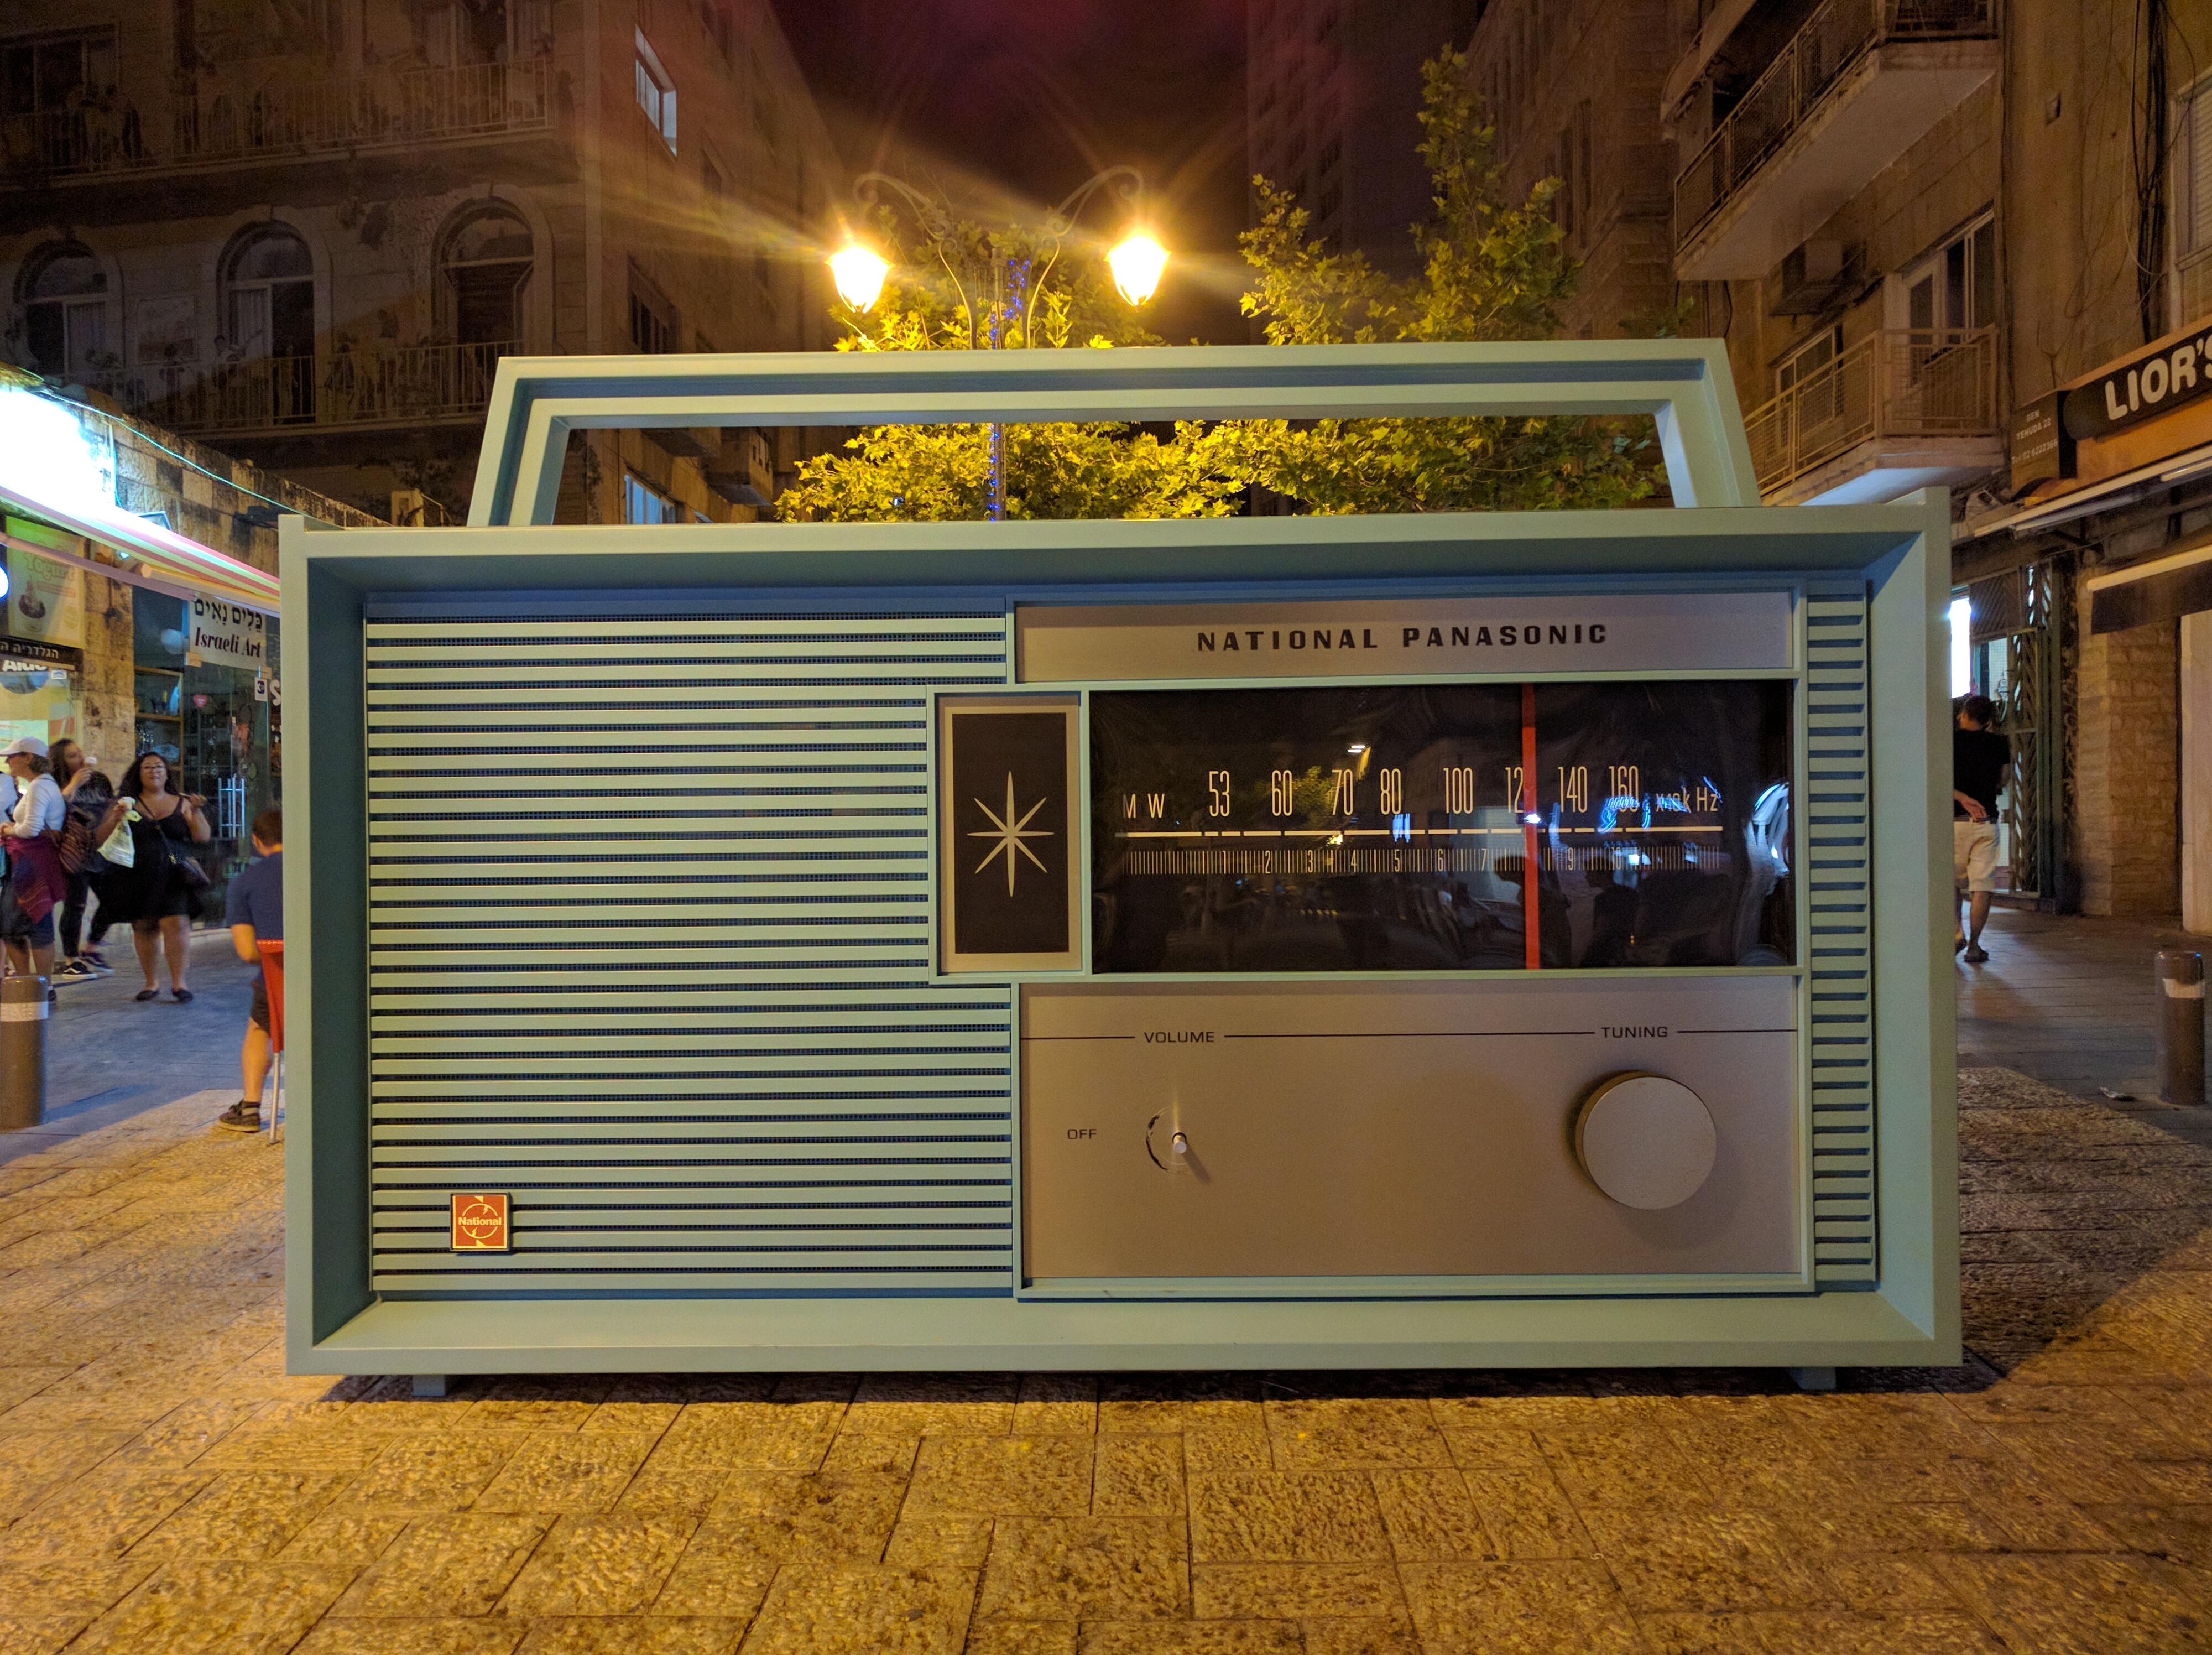 מקלט רדיו ענקי ברחוב בן יהודה (צילום: נדב-בן אוד)